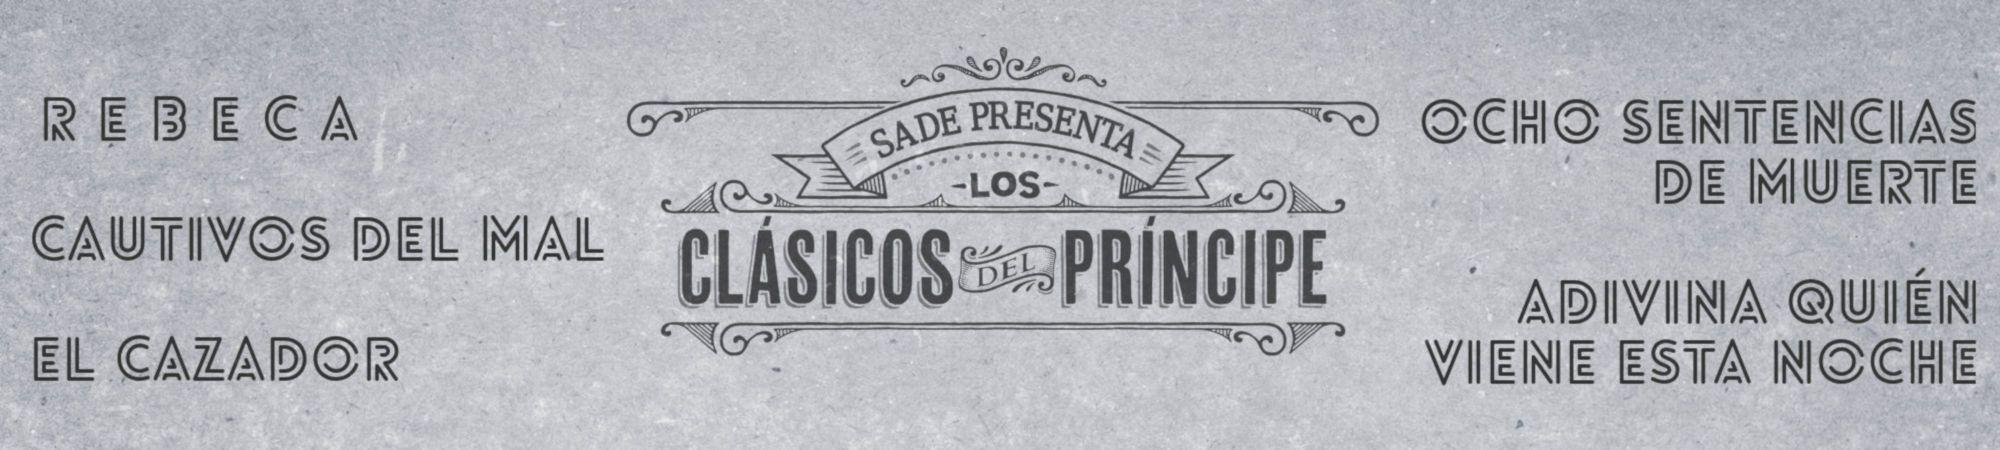 CLASICOS DEL PRINCIPE 2020 02y03 (Banner SUPERIOR OK)